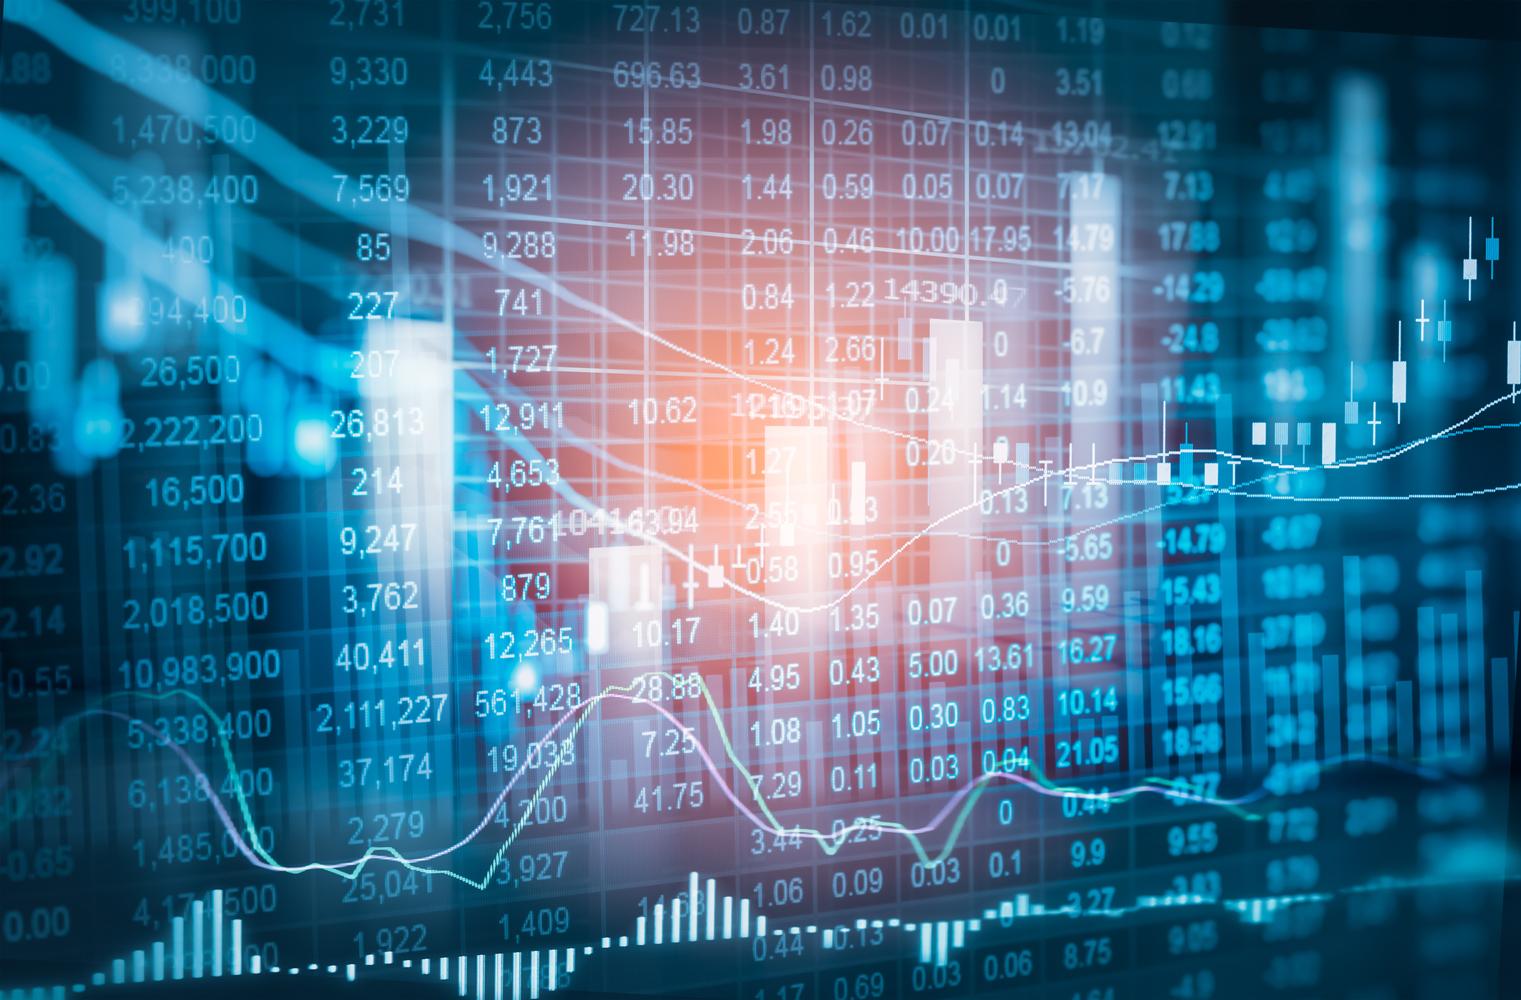 indicatorul pentru opțiuni binare nu este redesenat câștigurile online onlne